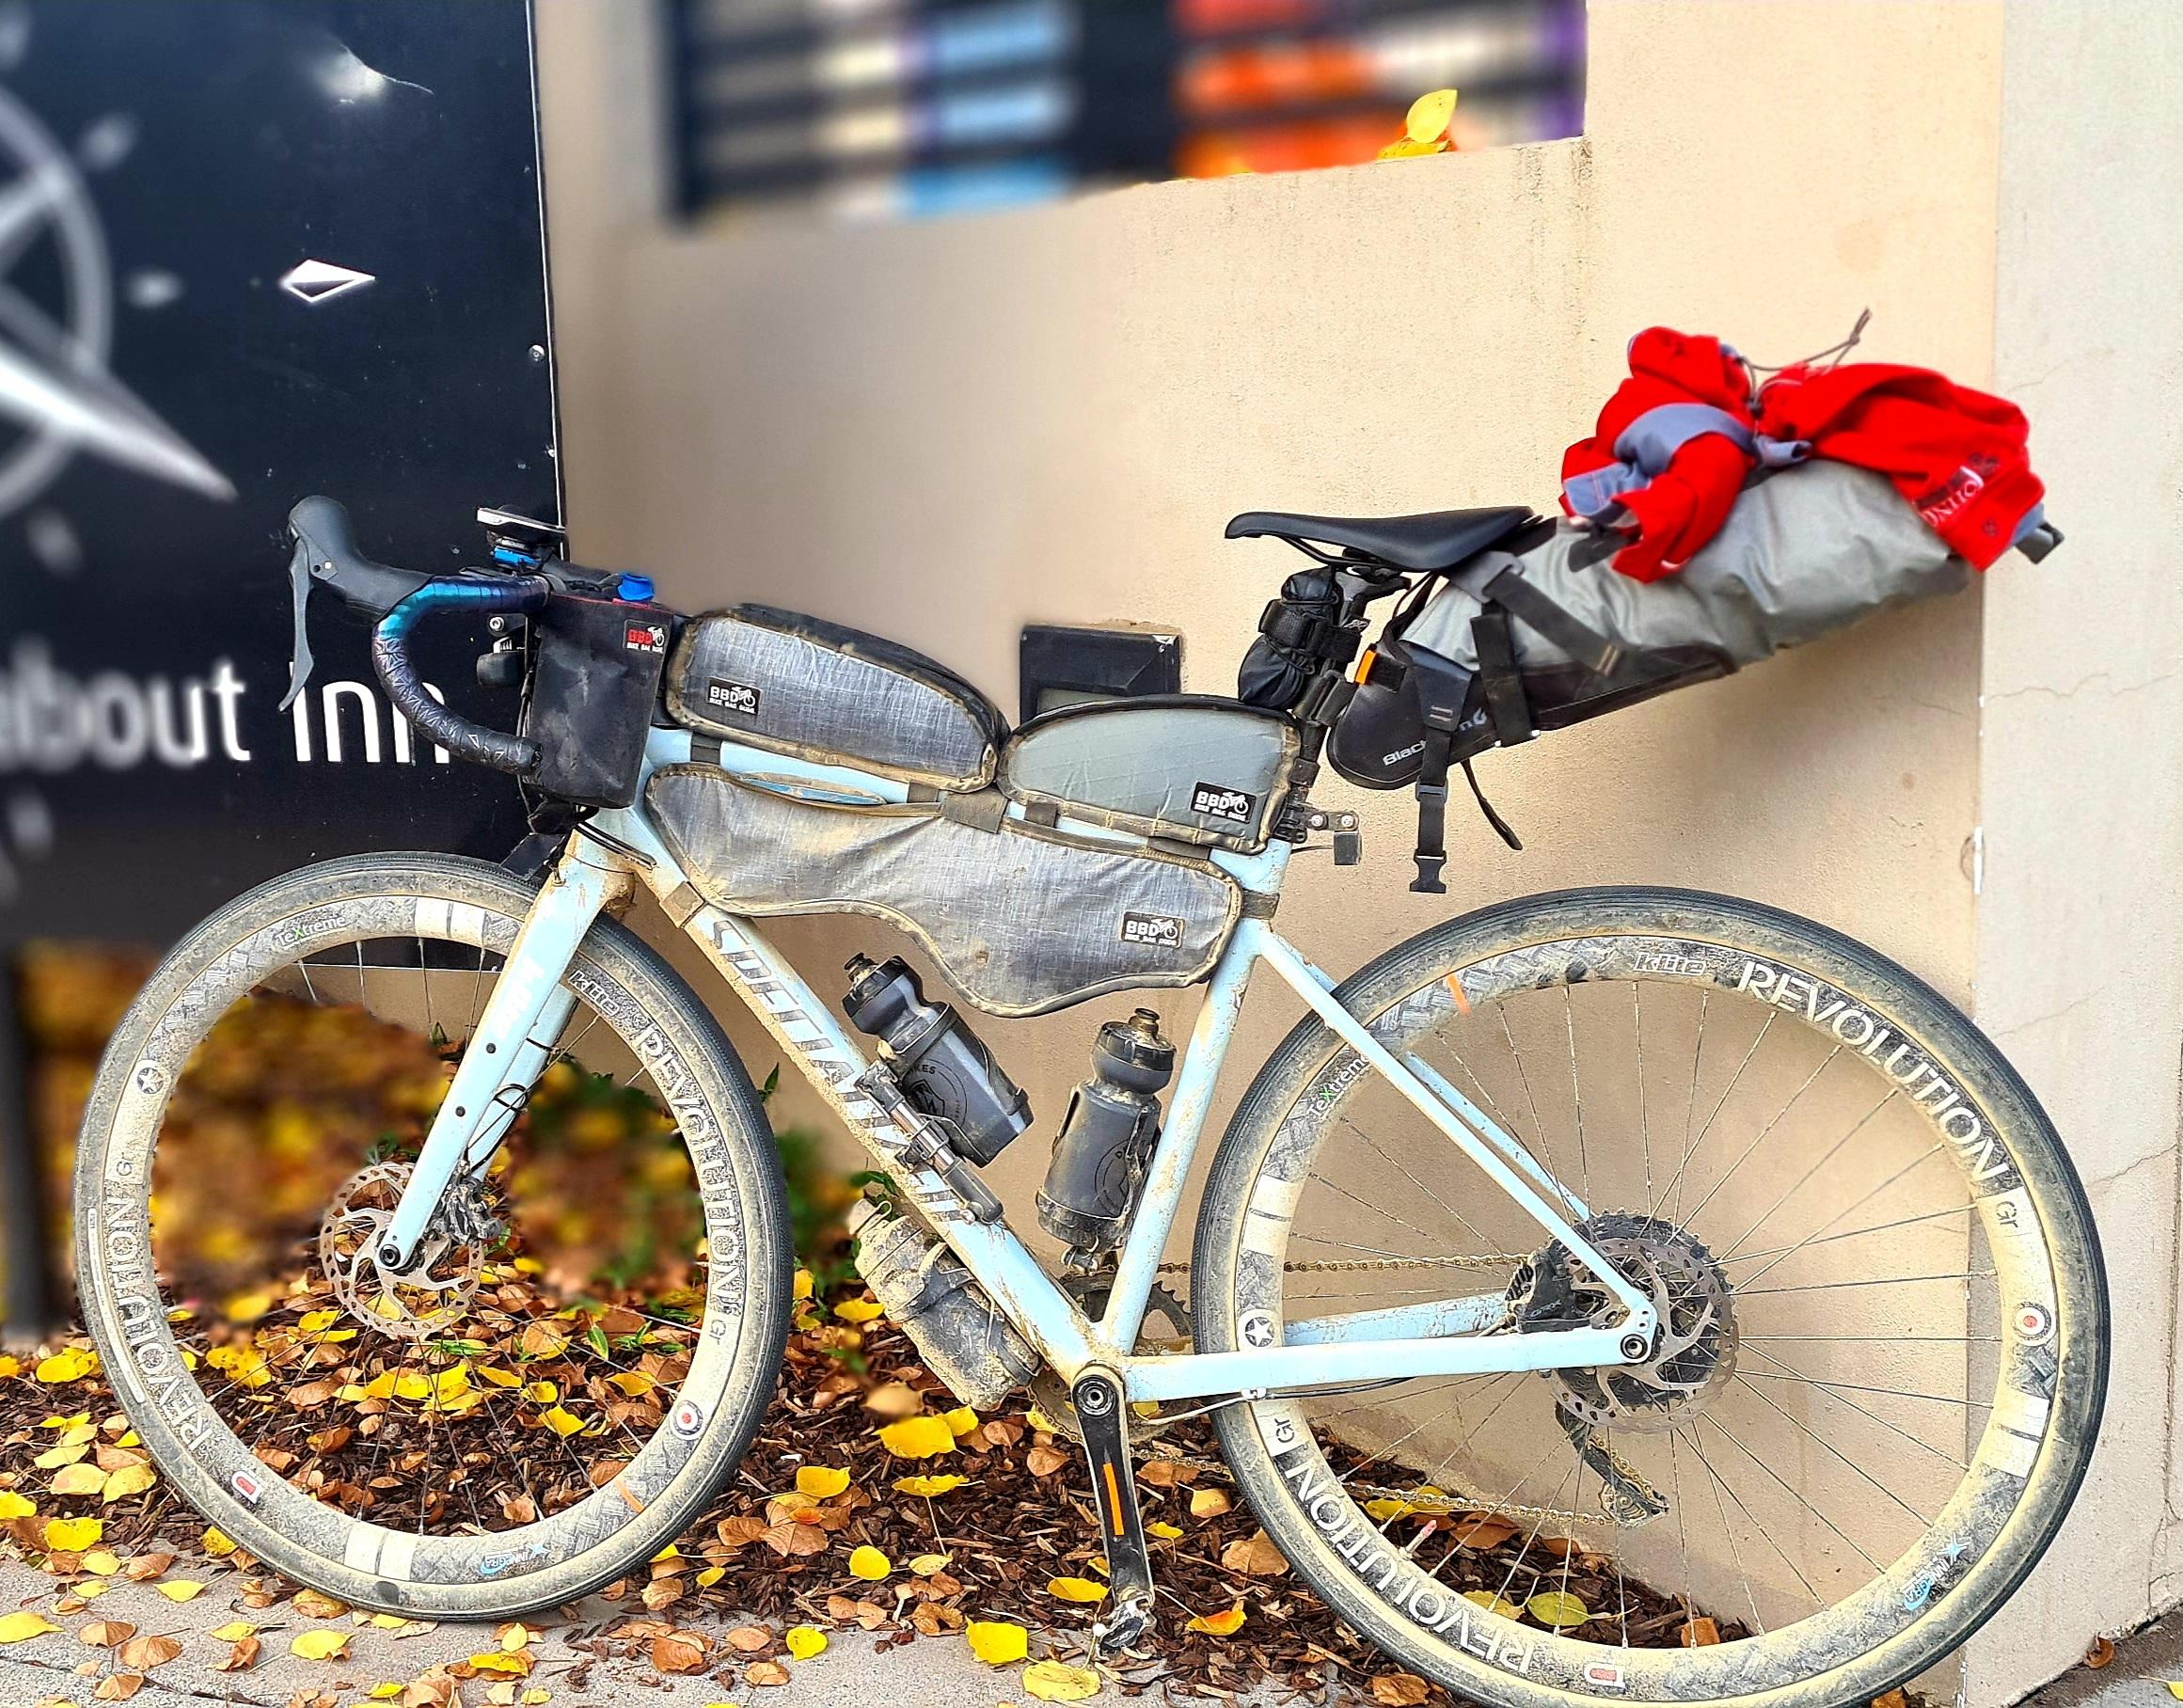 Bikepacking bike setup for the Barrington Coast 500